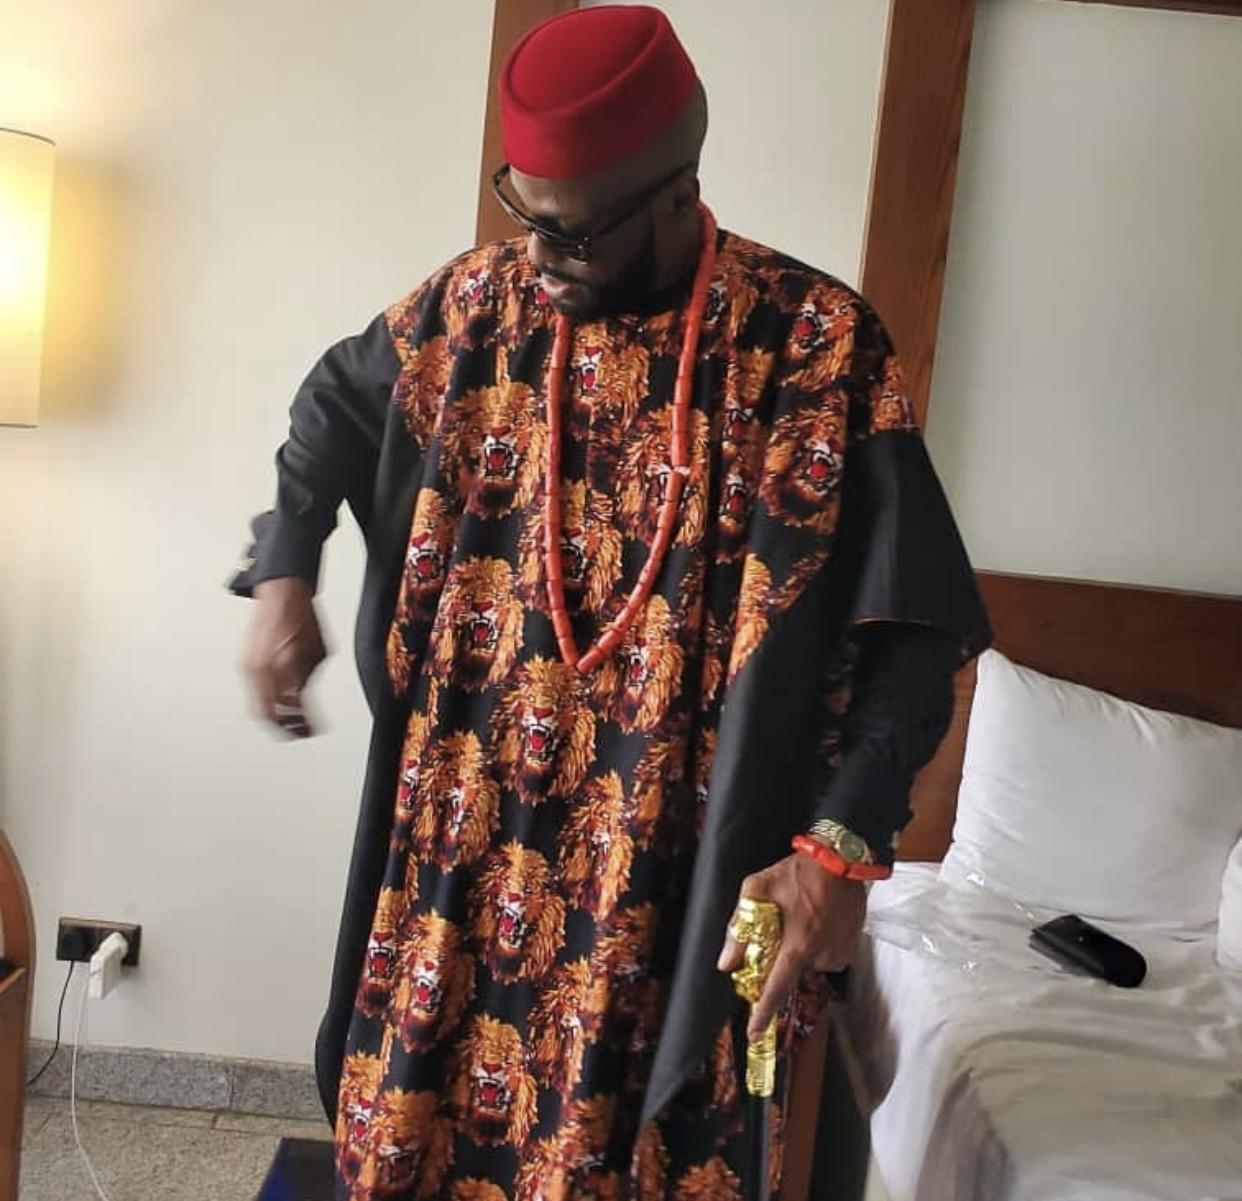 The groom Ikechkwu